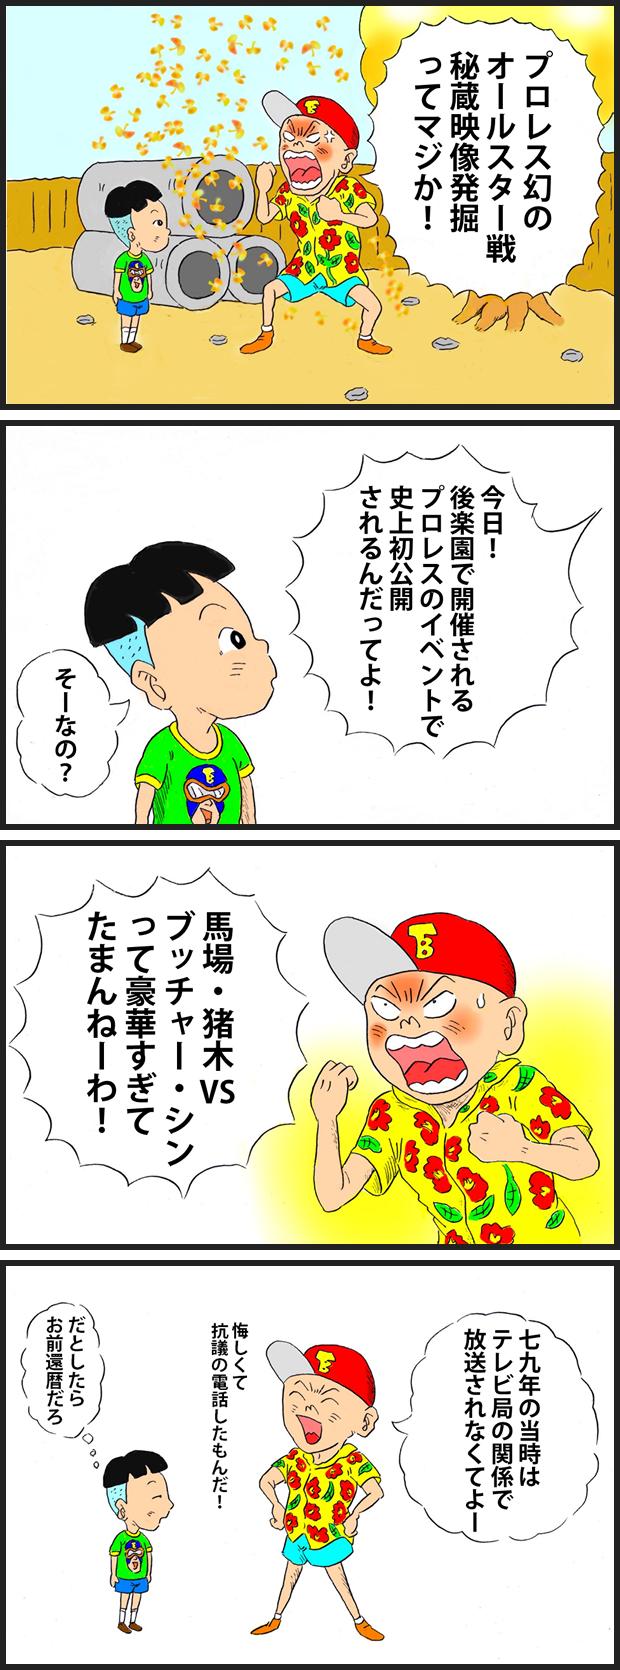 229 プロレス幻のオールスター戦!